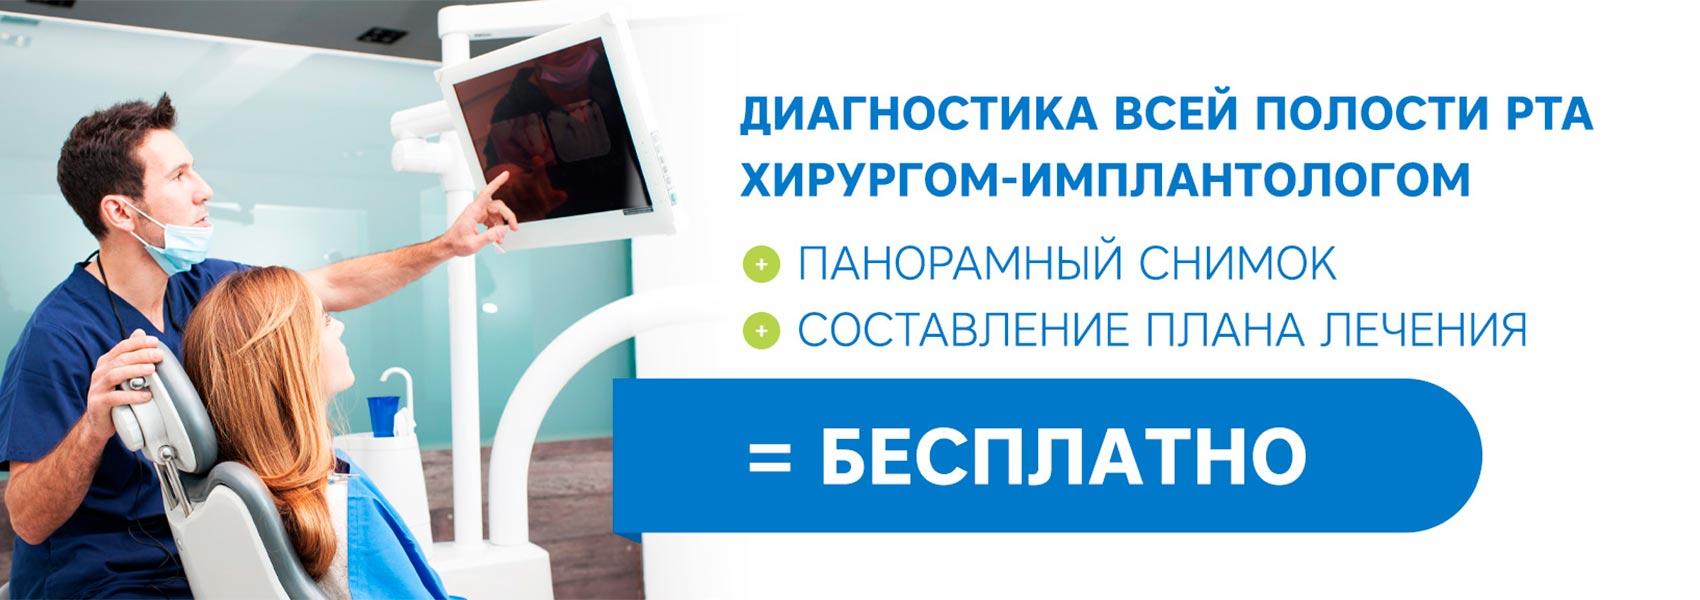 Протезирование зубов для пенсионеров в Москве. Льготное протезирование пенсионерам, бесплатно или со скидкой